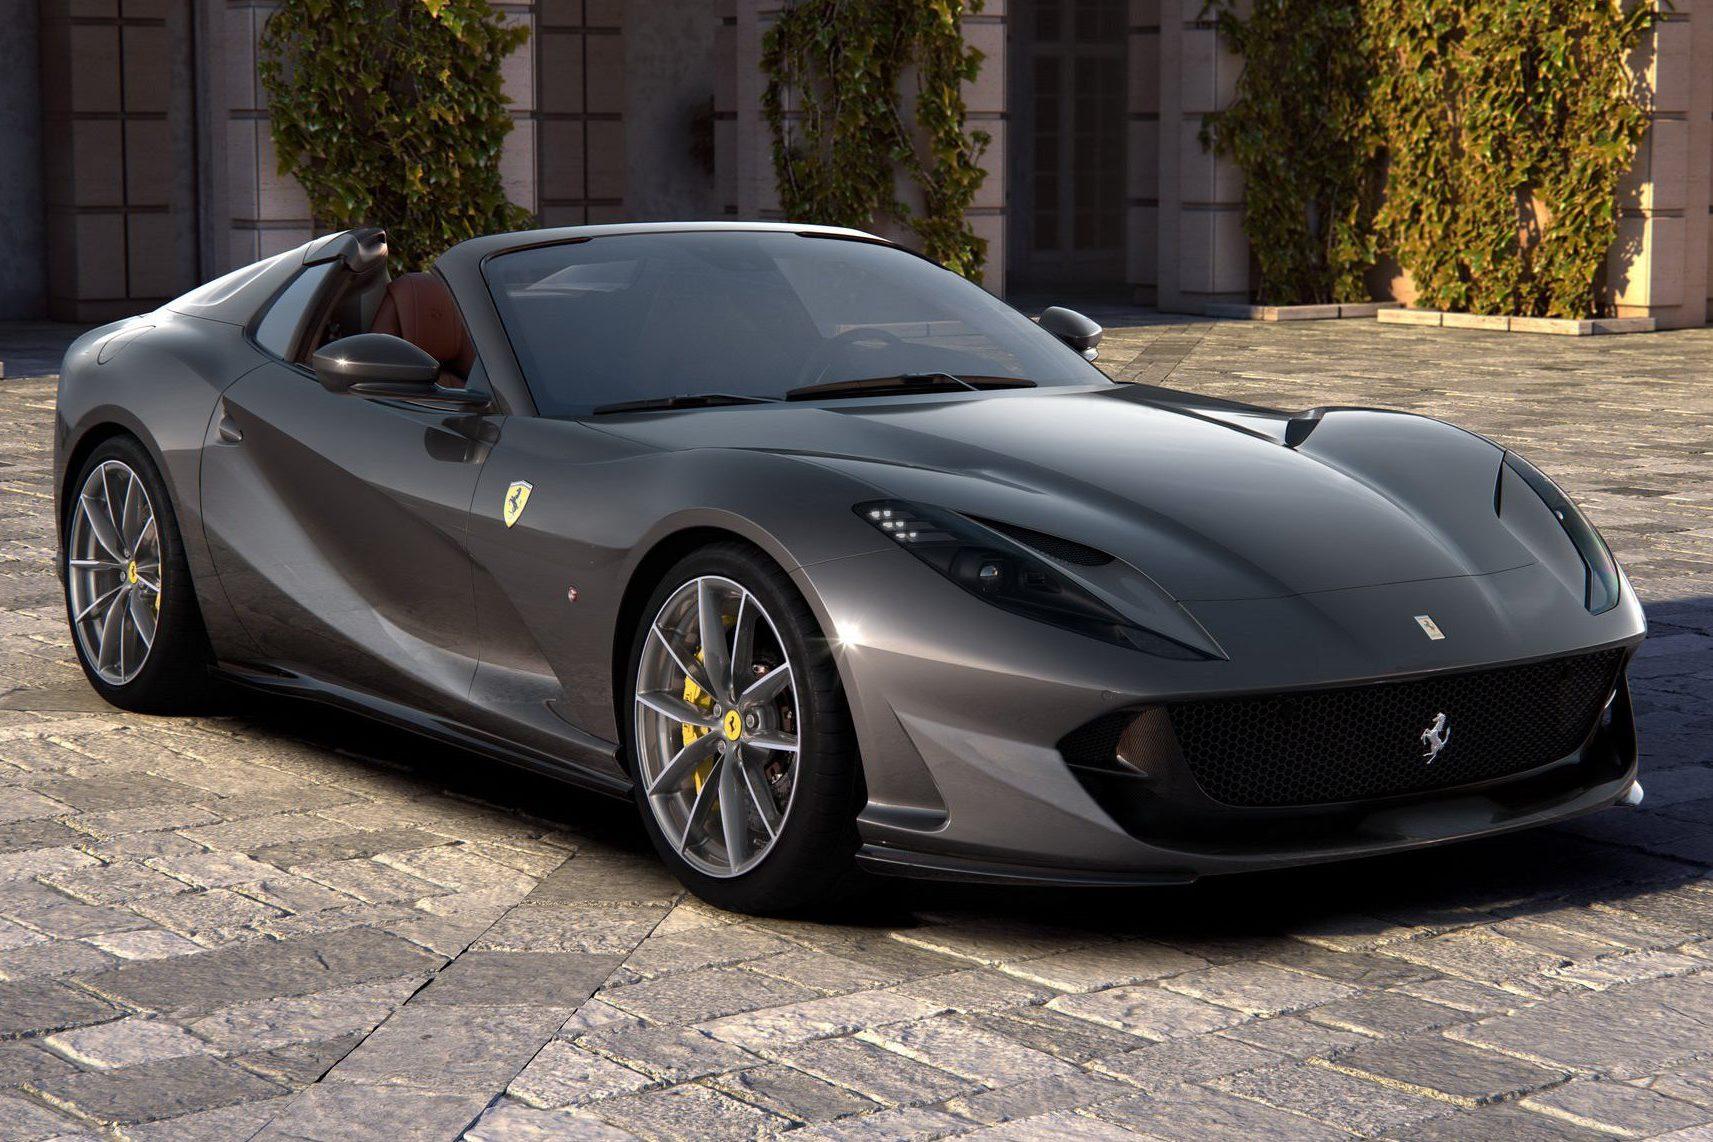 Ferrari 812 Gts Usa V12 Dianteiro Para Ser Conversivel Mais Forte Do Mundo Quatro Rodas